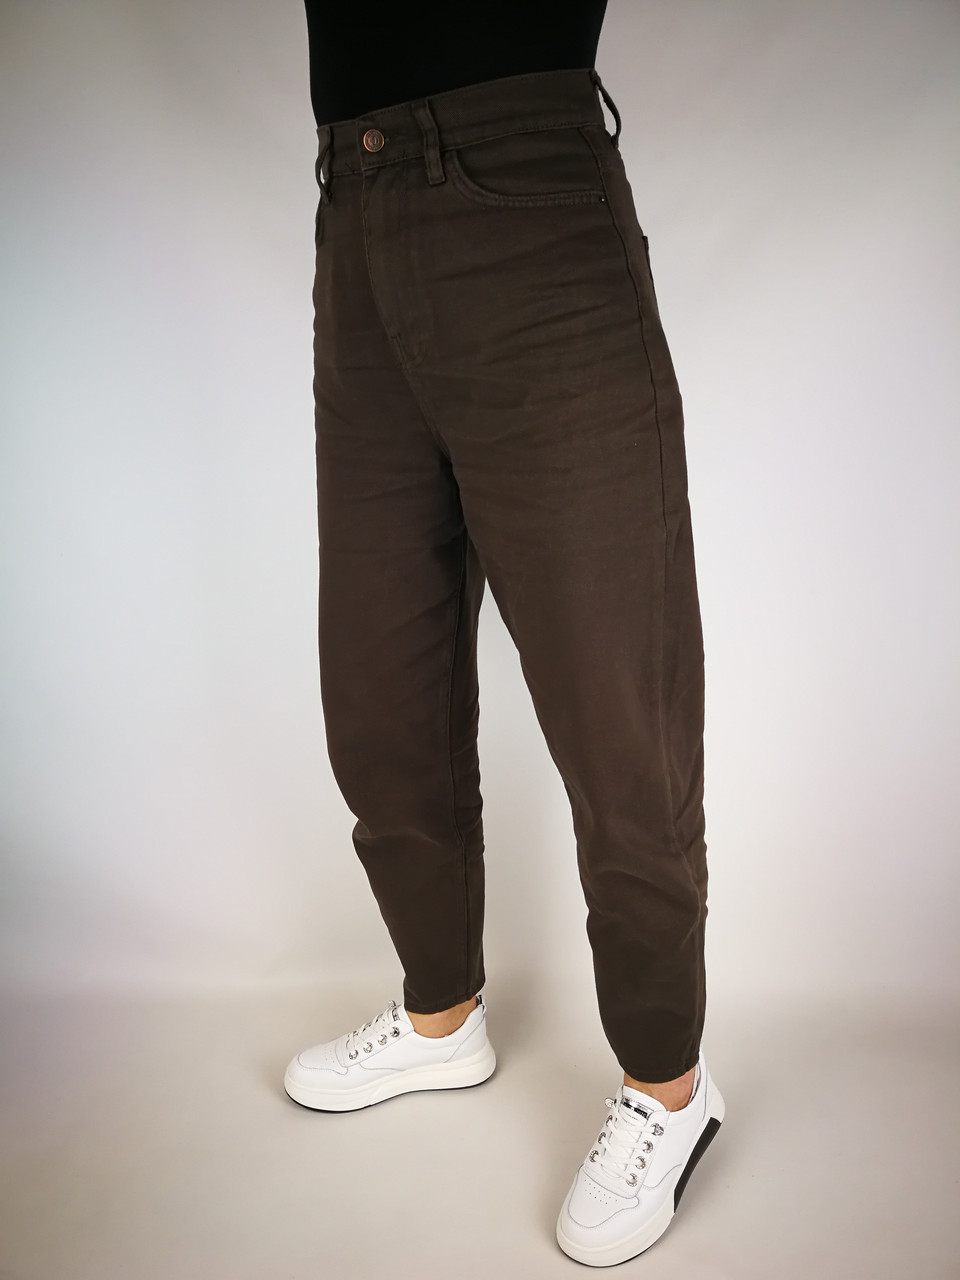 Женские джинсы случи